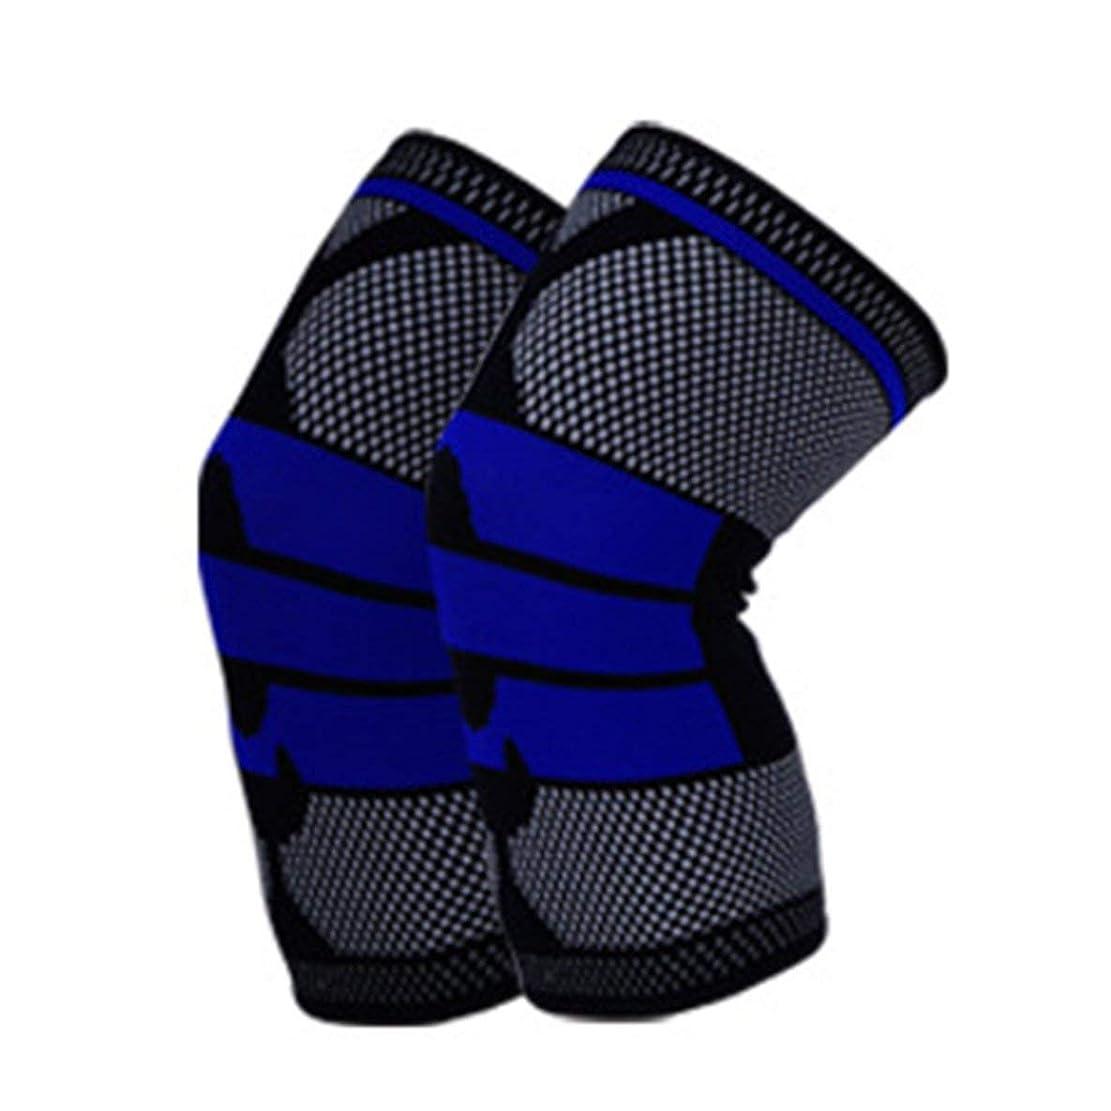 の間で静けさ真実にフル膝プロテクター秋冬フルシーズン弾性通気性膝パッドレリーフ防止スポーツ膝サポートブレース - ブラックM